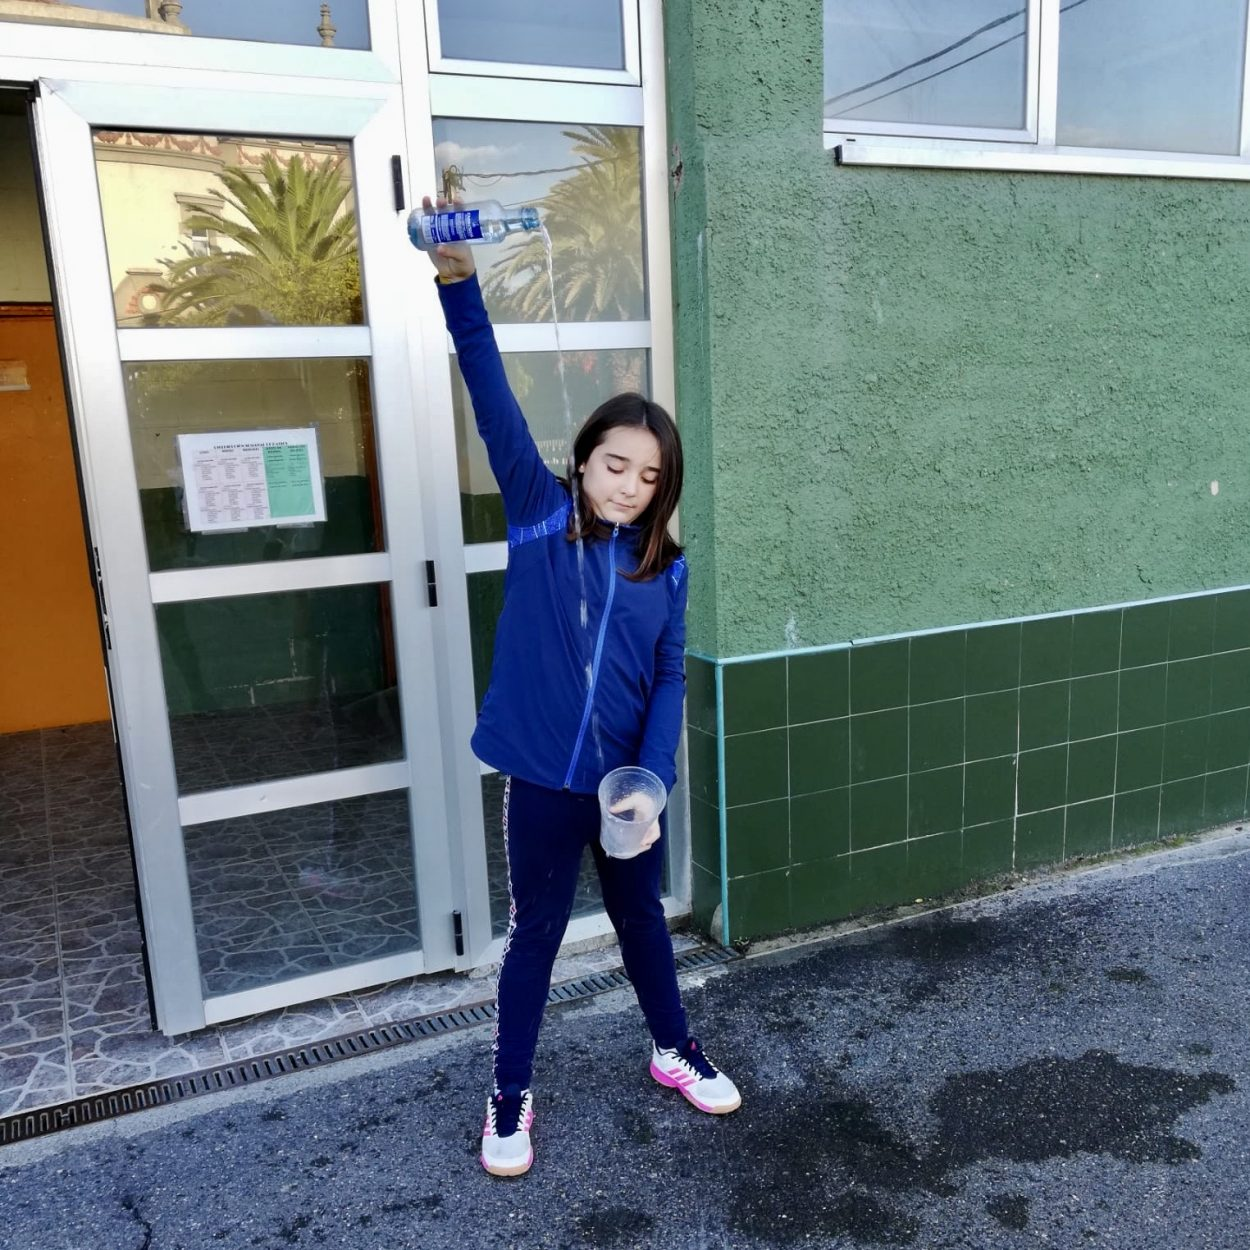 El arte del buen escanciado de sidra llega al Colegio Público de Ribadesella